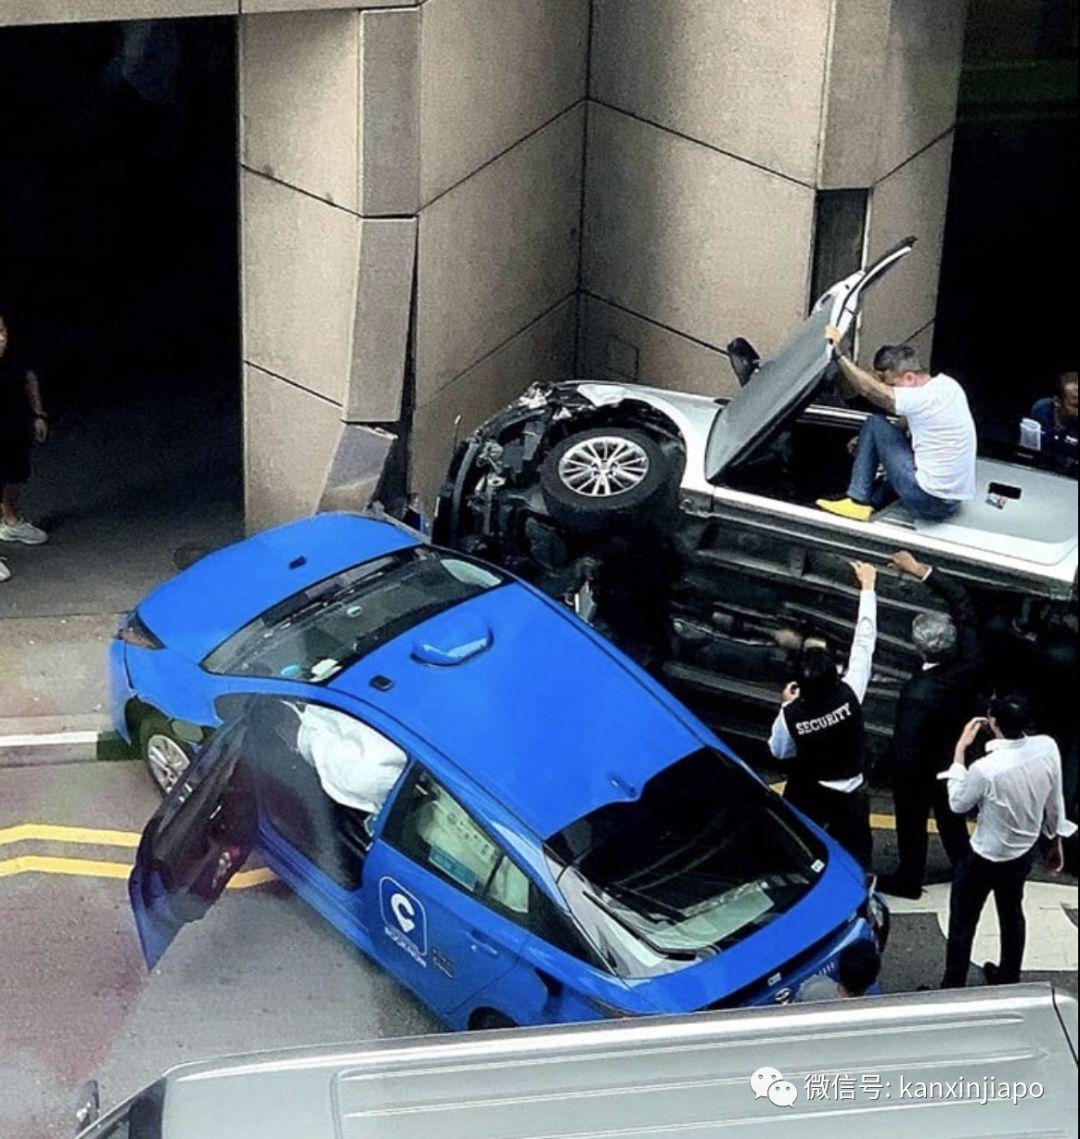 惊险!轿车被德士撞出5米后侧翻